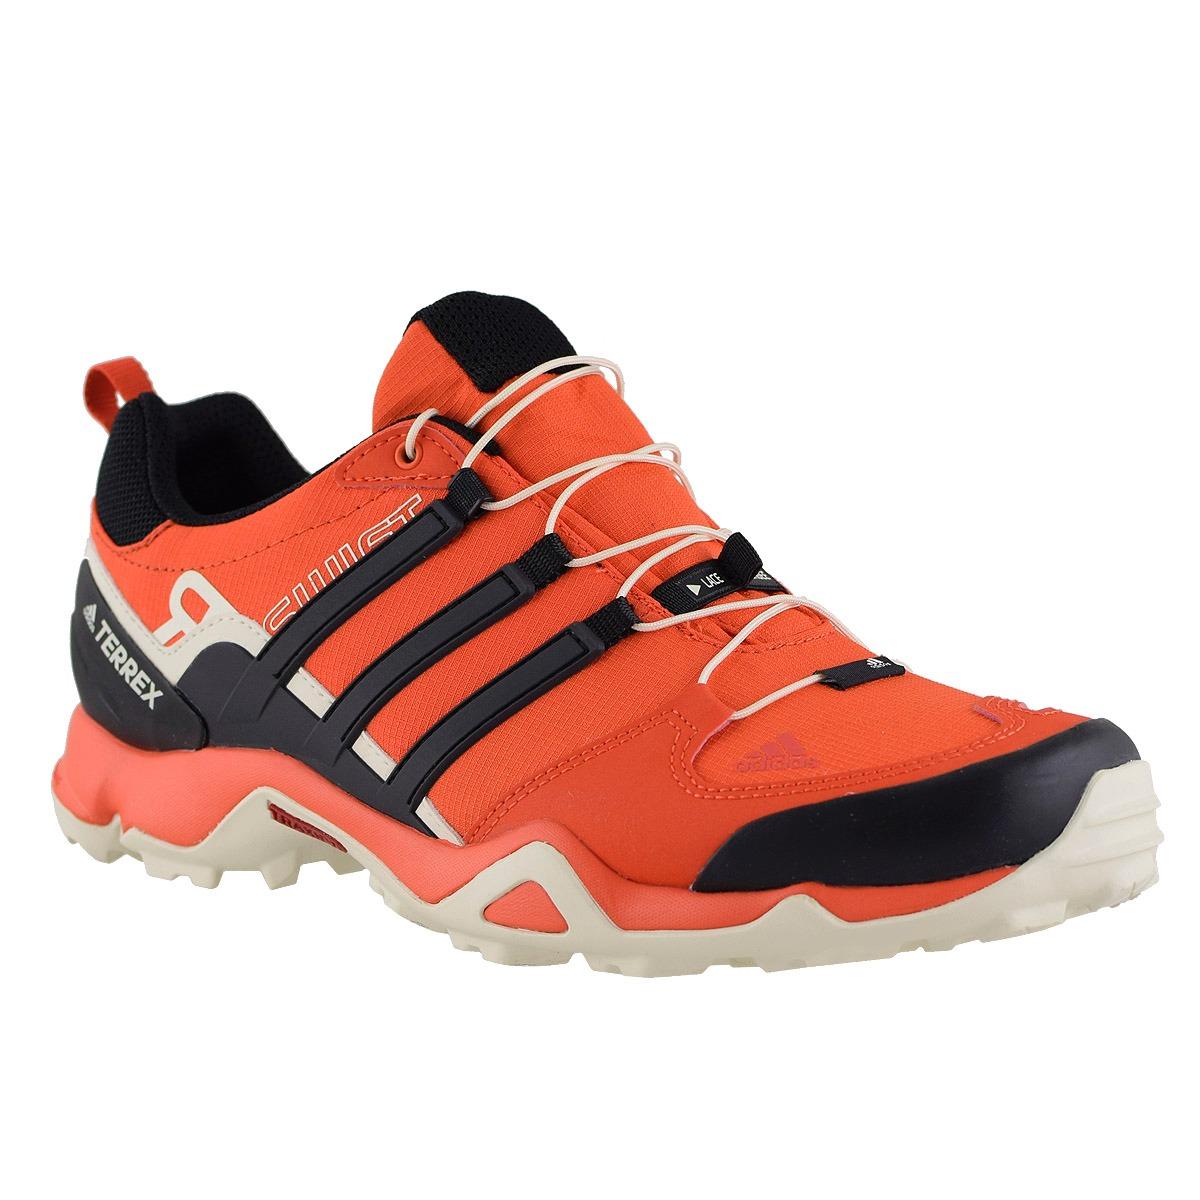 zapatillas adidas terrex mercadolibre